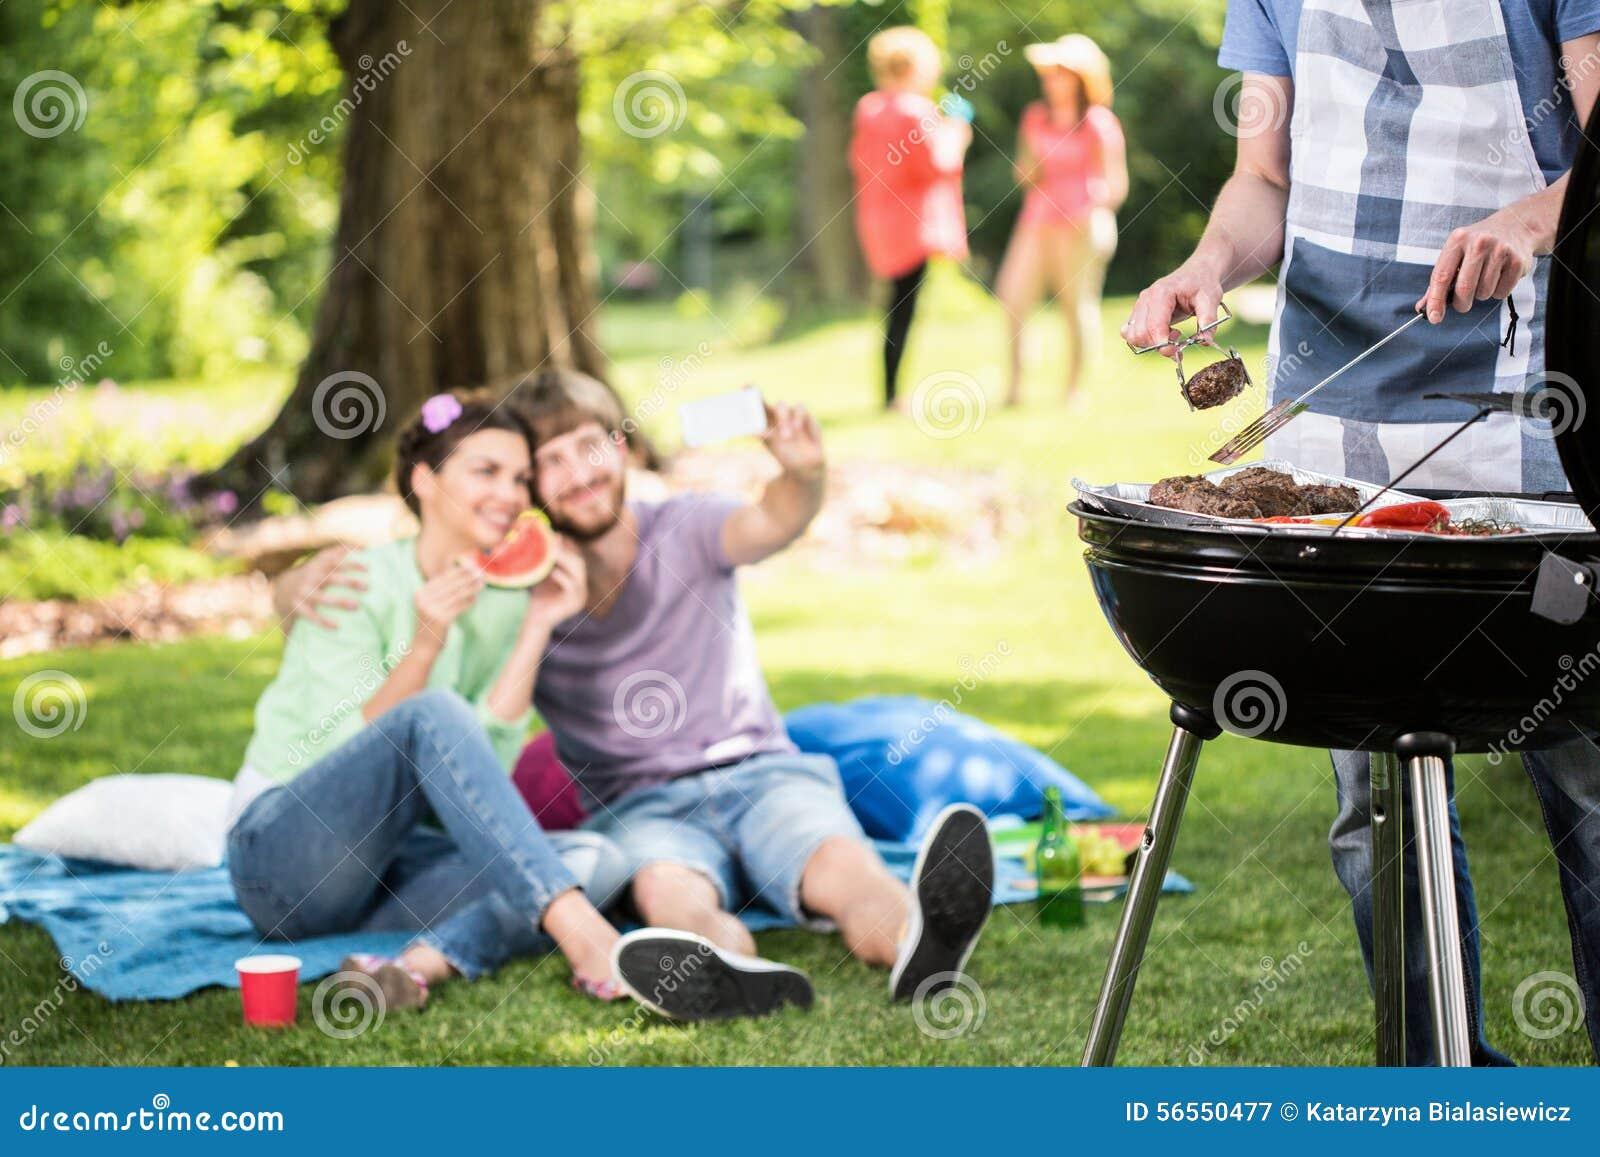 Fare griglia nel parco